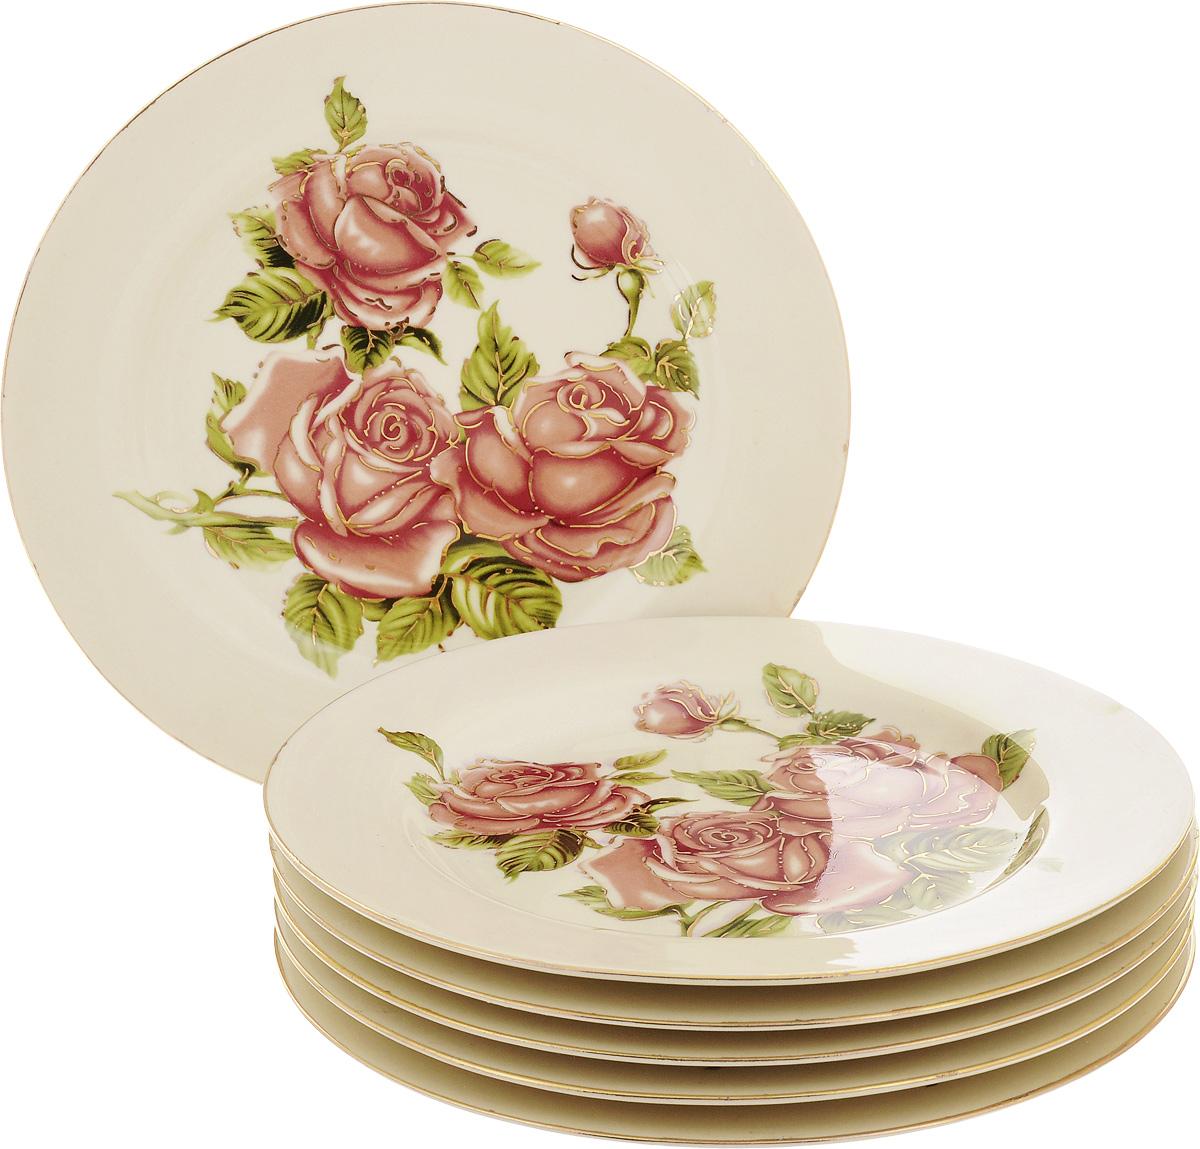 Набор десертных тарелок Patricia Три розы, диаметр 19 см, 6 штIM600006Набор Patricia Три розы состоит из шести десертных тарелок, выполненных из высококачественной глазурованной керамики. Изделия, декорированные красивыми изображениями цветов, имеют классическую круглую форму. Такой набор прекрасно впишется в интерьер современной кухни, а также станет идеальным украшением праздничного или обеденного стола. Не рекомендуется мыть в посудомоечной машине и использовать в микроволновой печи. Диаметр тарелки (по верхнему краю): 19 см. Высота тарелки: 2 см.